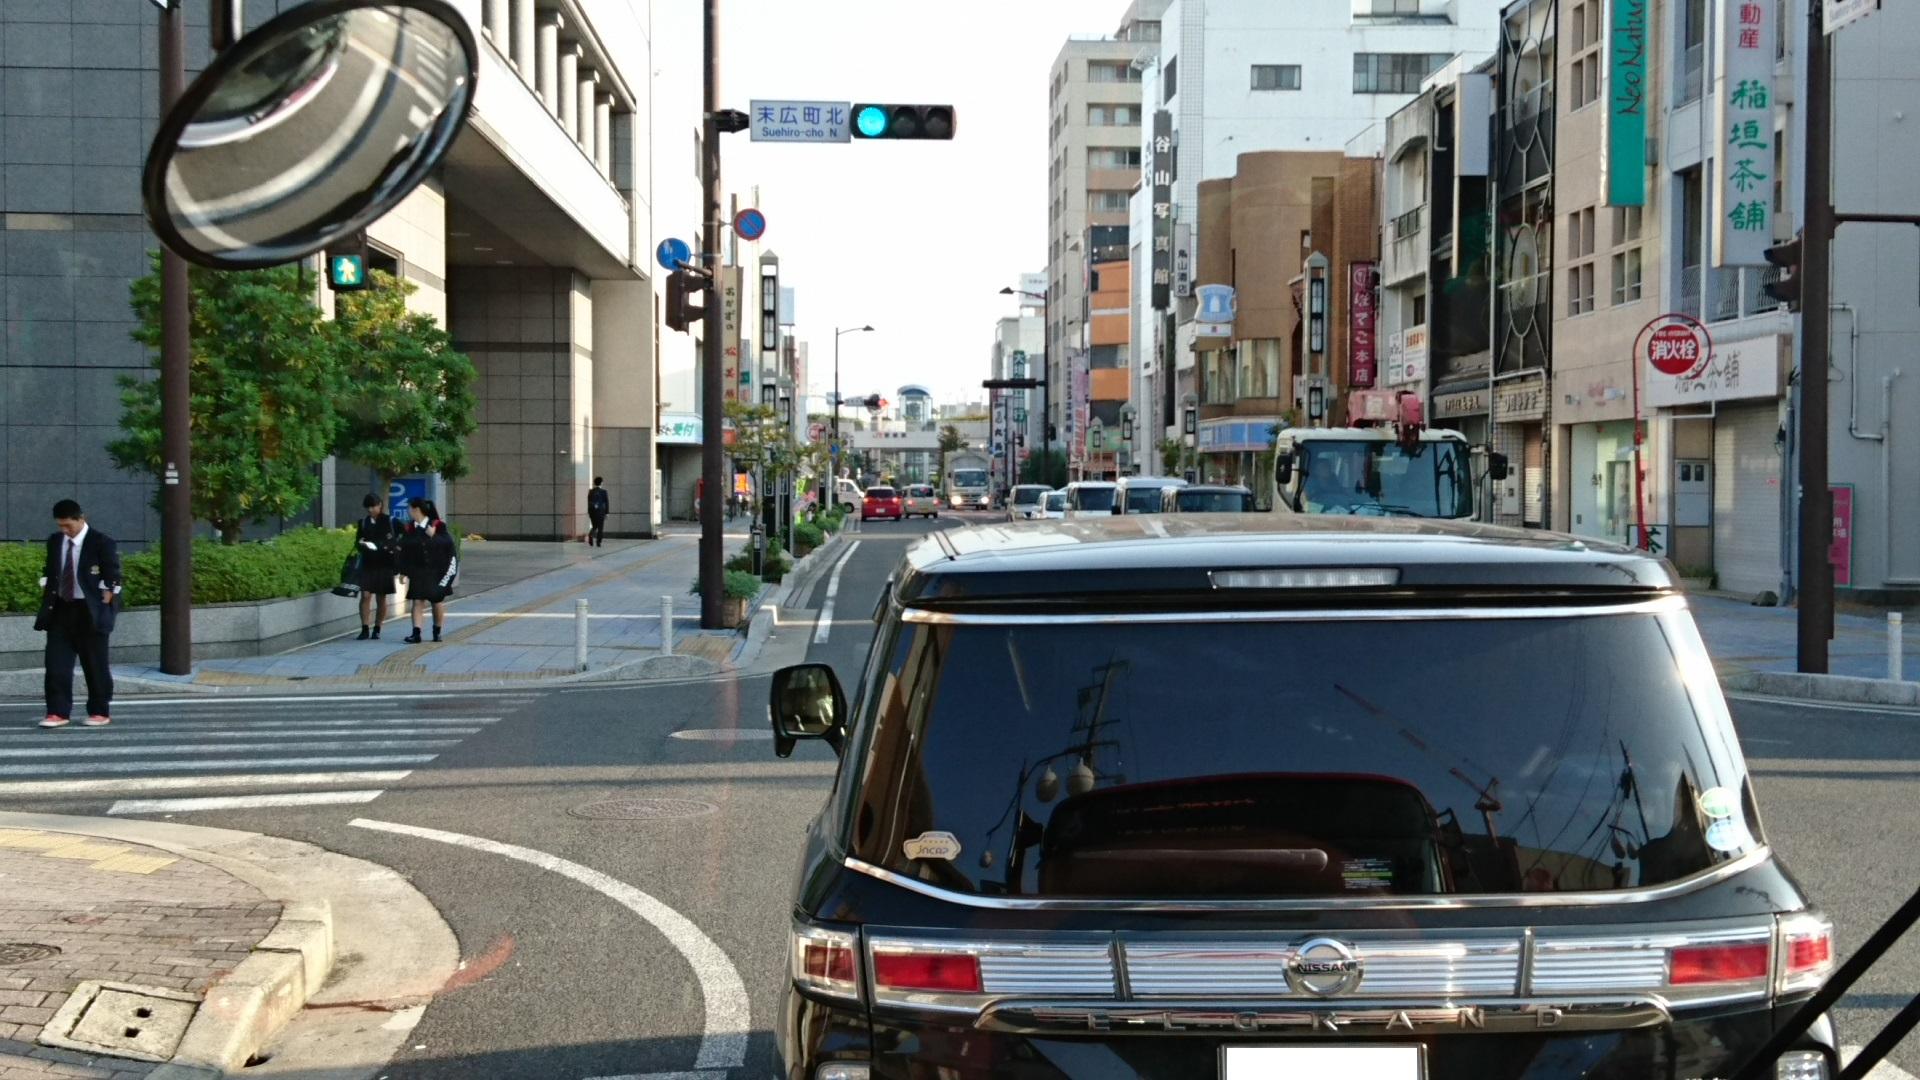 2016.10.20 (7) 名鉄バス - 碧海信用金庫本店 1920-1080